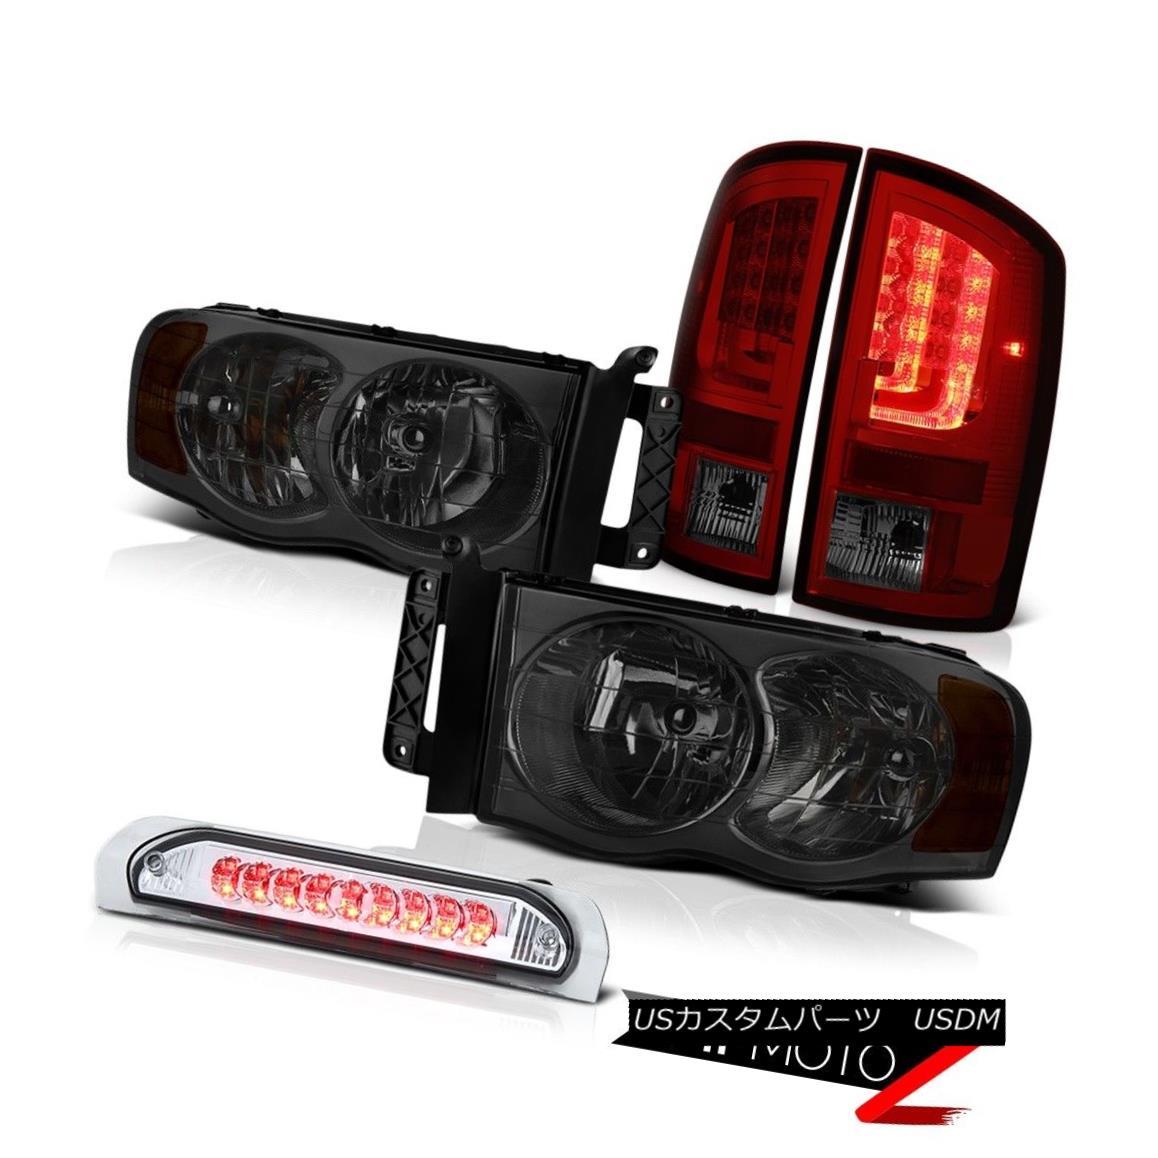 テールライト 2002-2005 Dodge Ram 1500 WS Smokey Red Tail Lights Headlamps Roof Cargo Lamp LED 2002-2005 Dodge Ram 1500 WSスモーキーレッドテールライトヘッドランプ屋根カーゴランプ